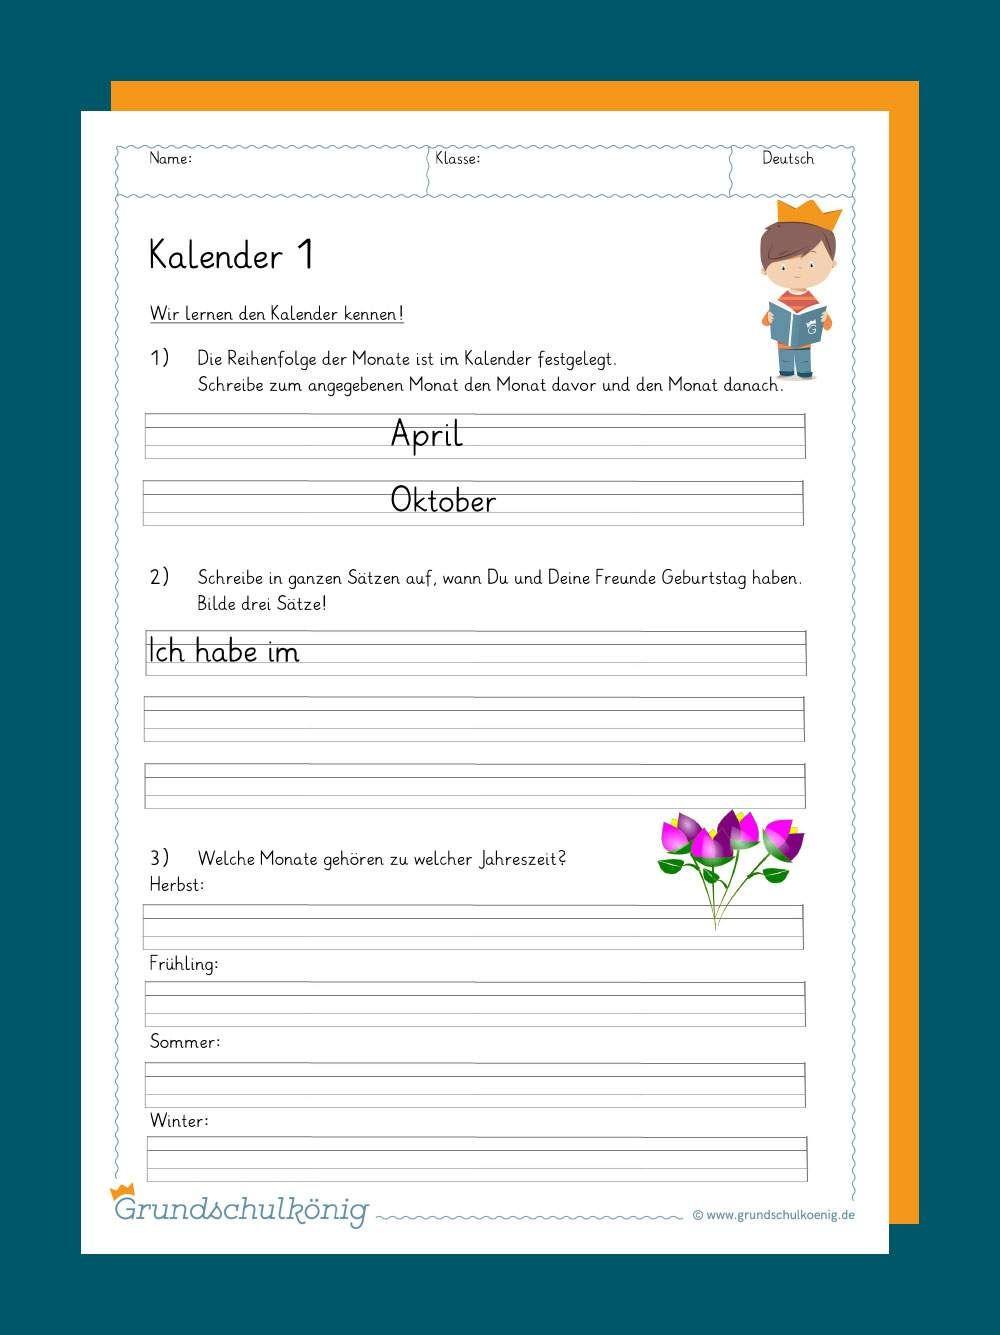 Kalender   Lernen tipps schule, Grundschulkönig, Grundschule